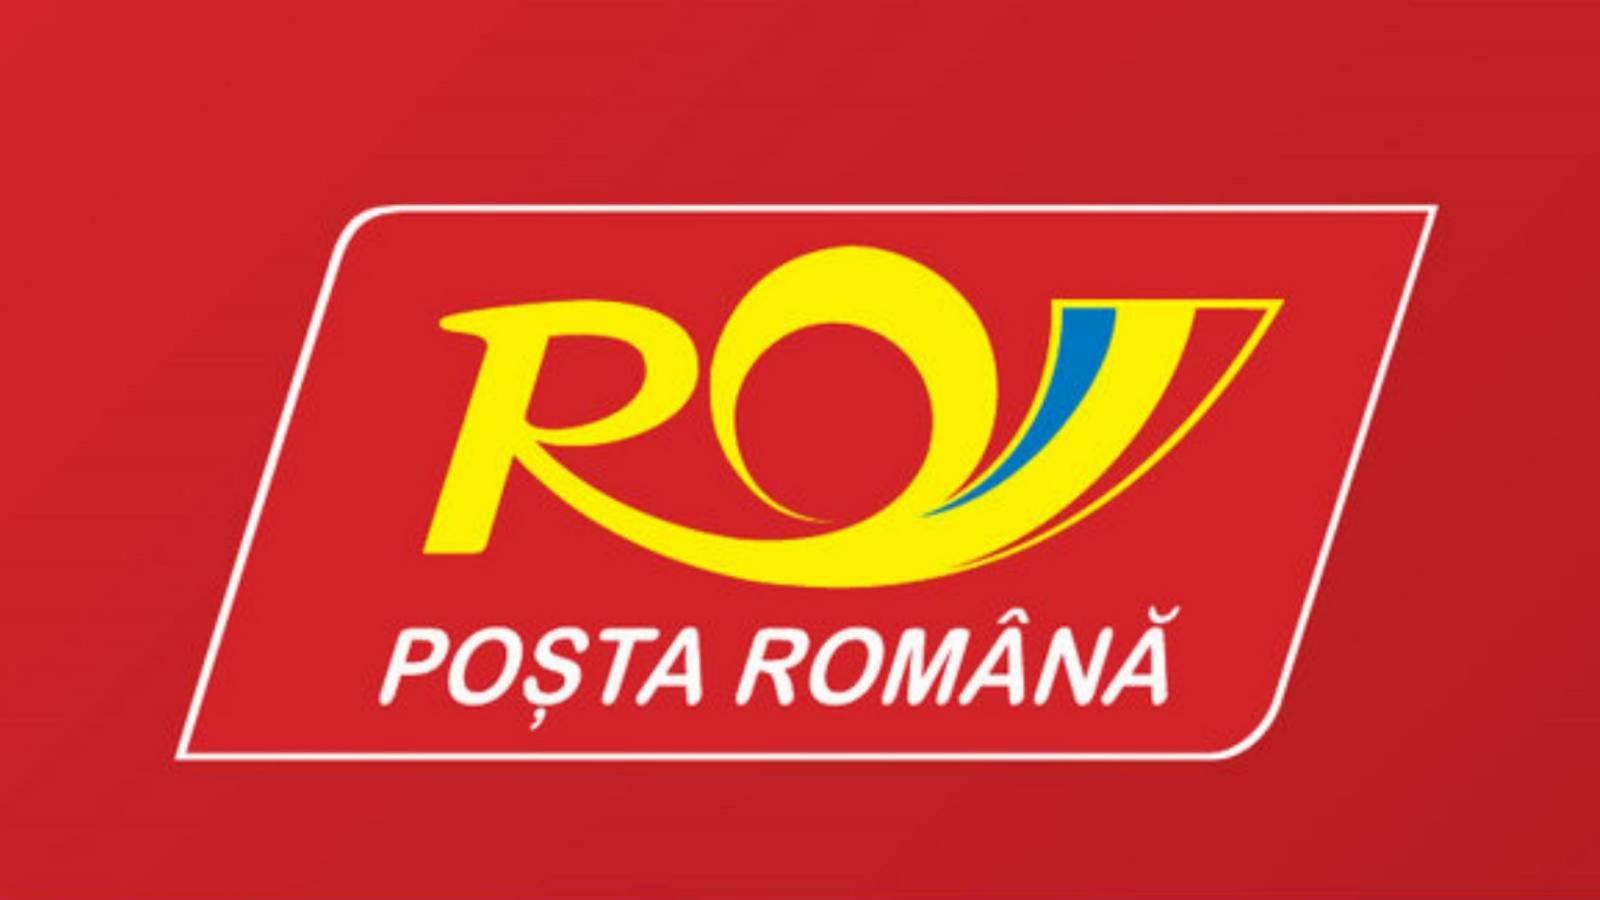 Posta Romana Vestea GROZAVA pentru Romanii din Toata Tara